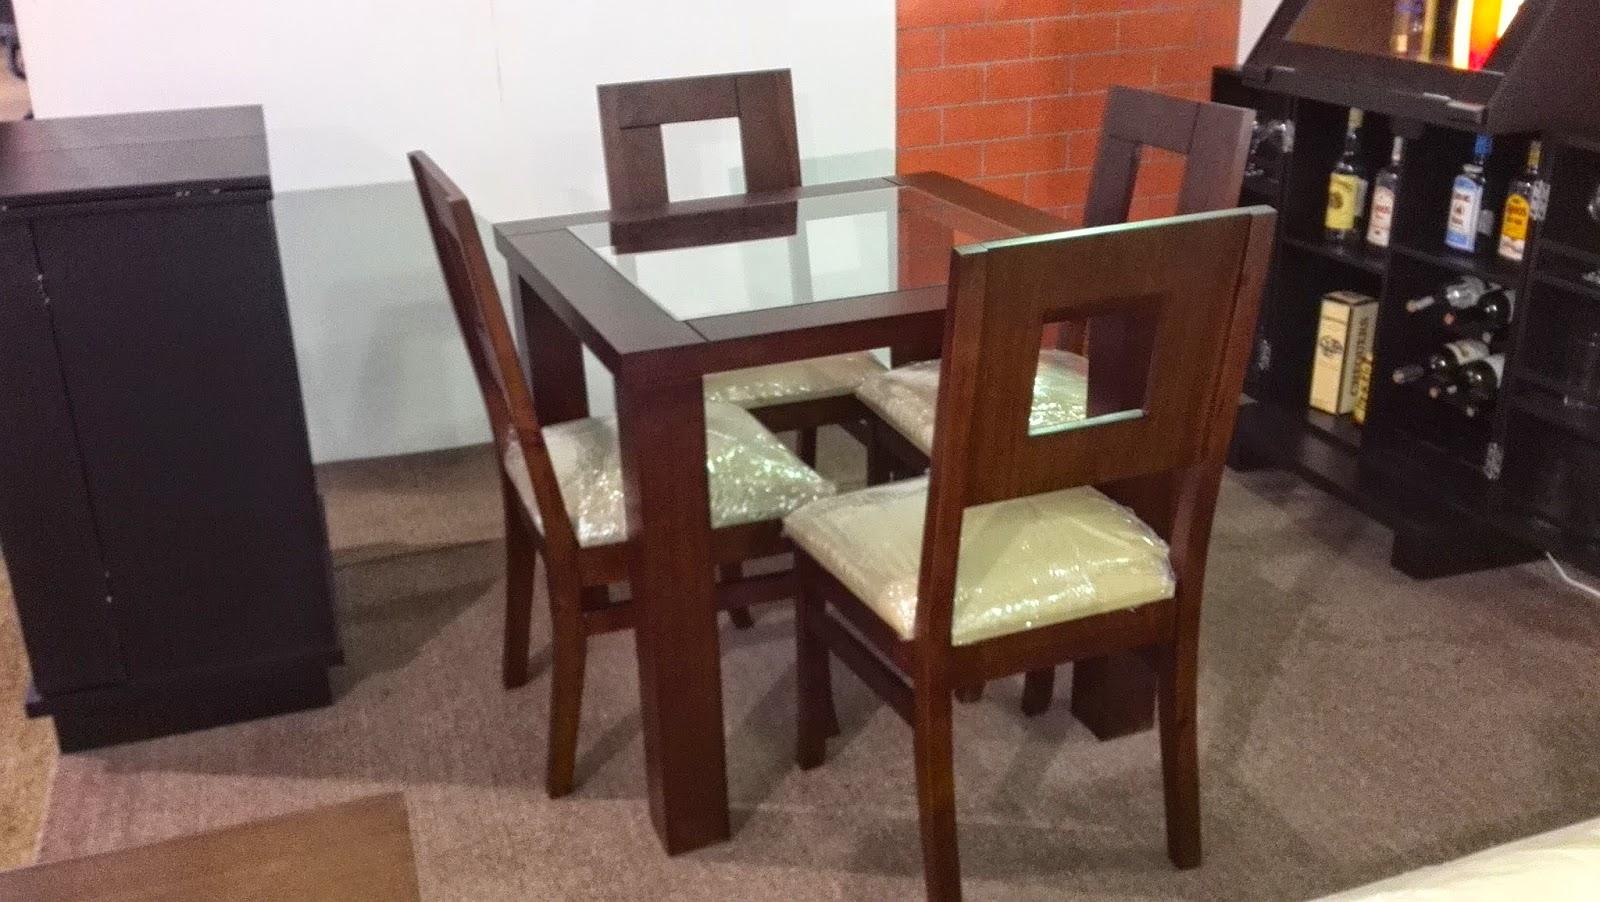 El artesano del mueble expo muebles ccct 2015 - Muebles el artesano ...